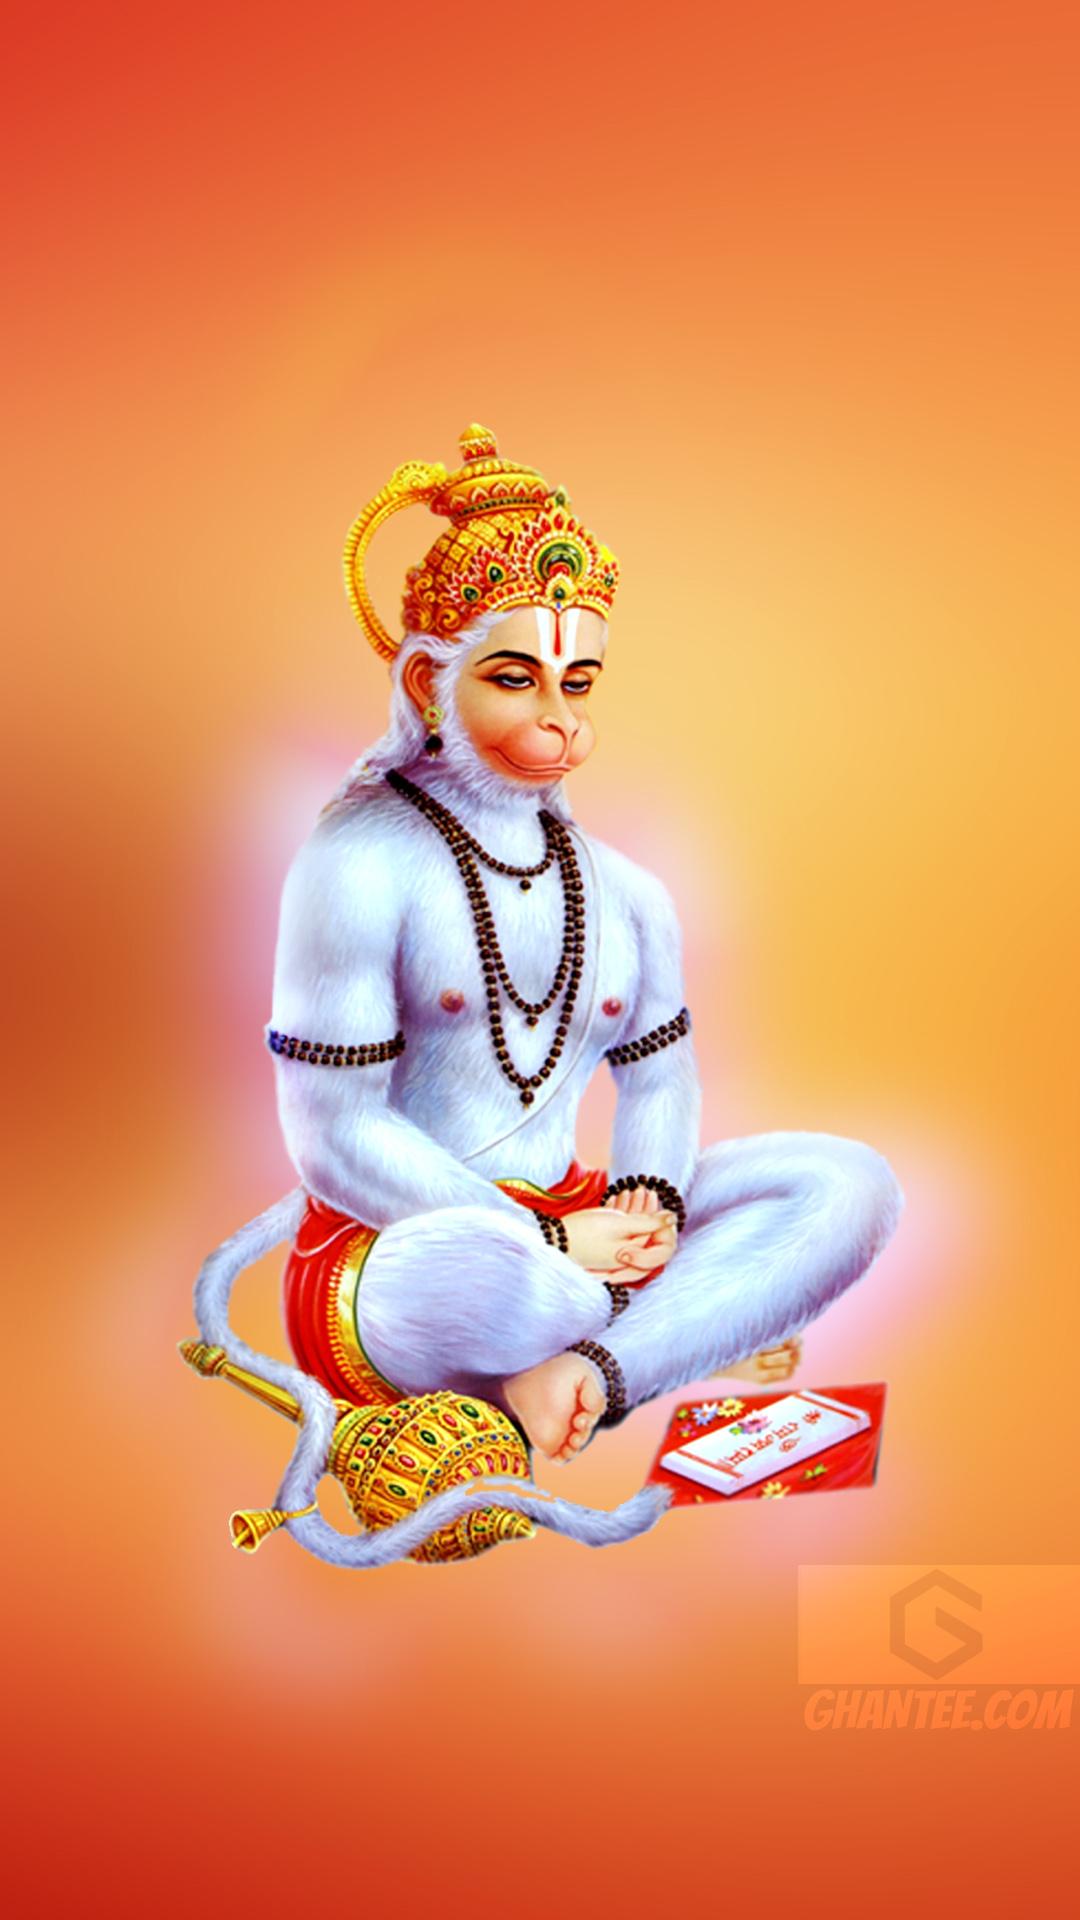 hindu god hanuman hd phone wallpaper